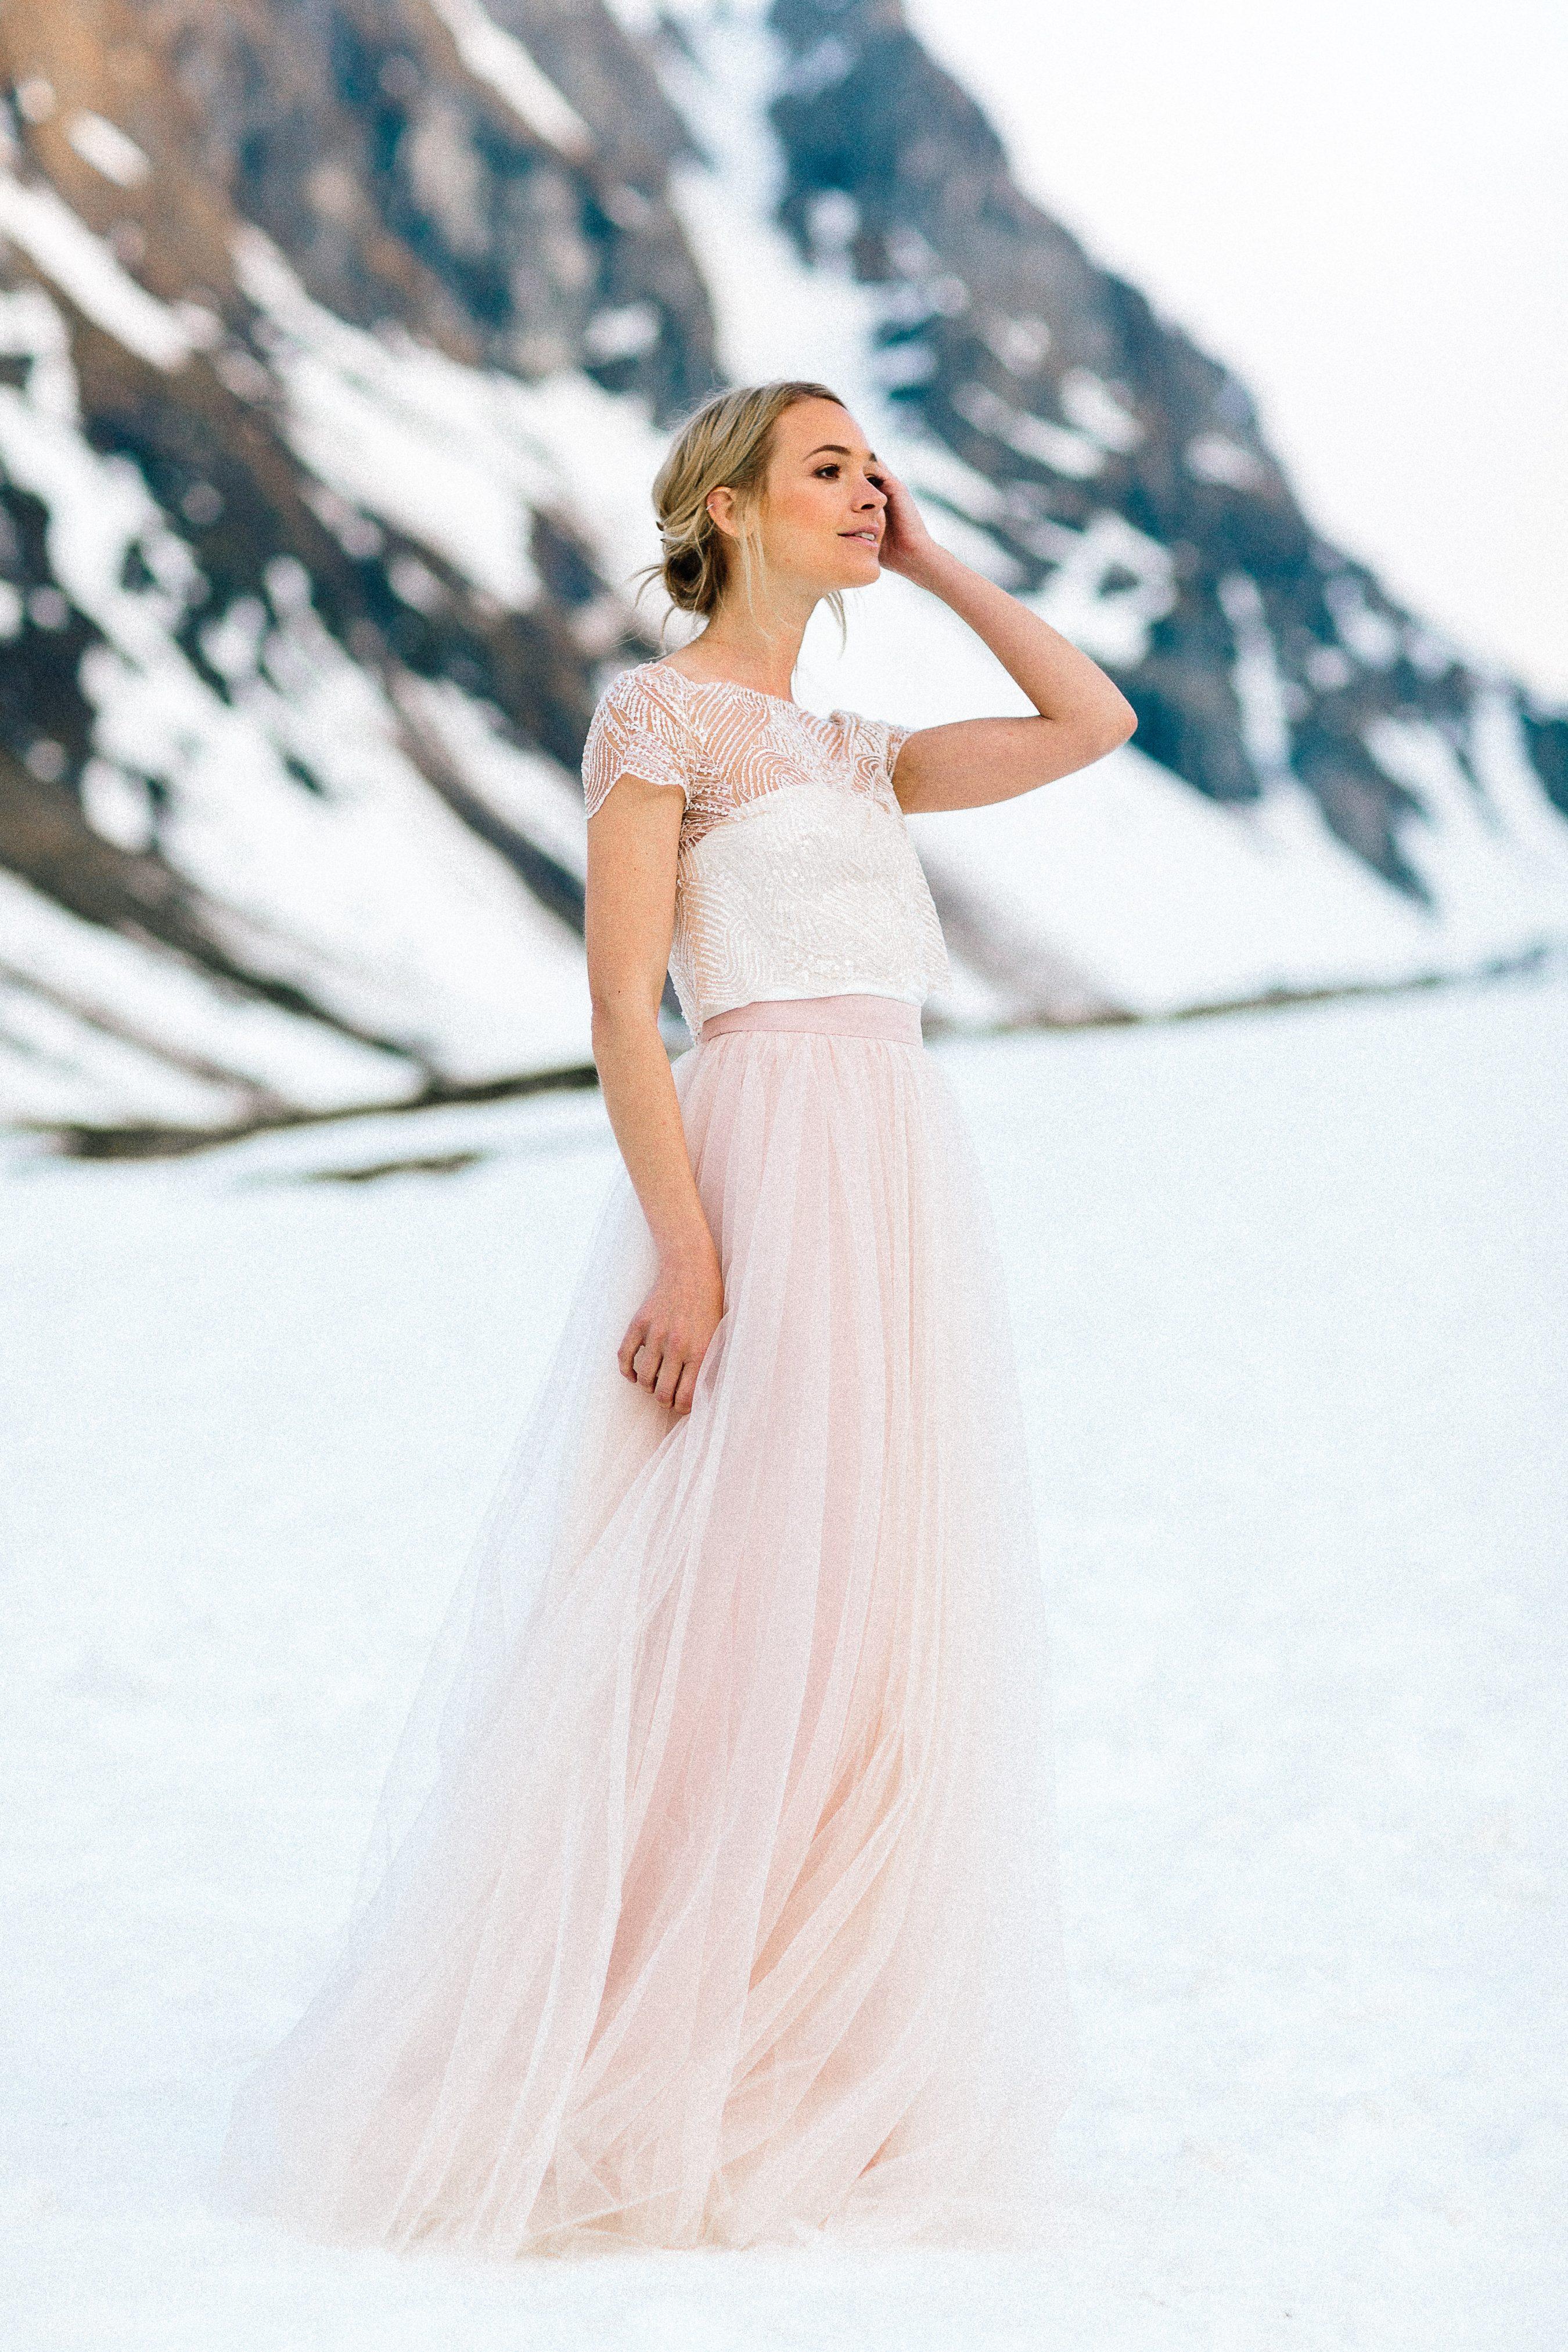 Noni Brautkleid Kollektion 2019 Hochzeitsblog The Little Wedding